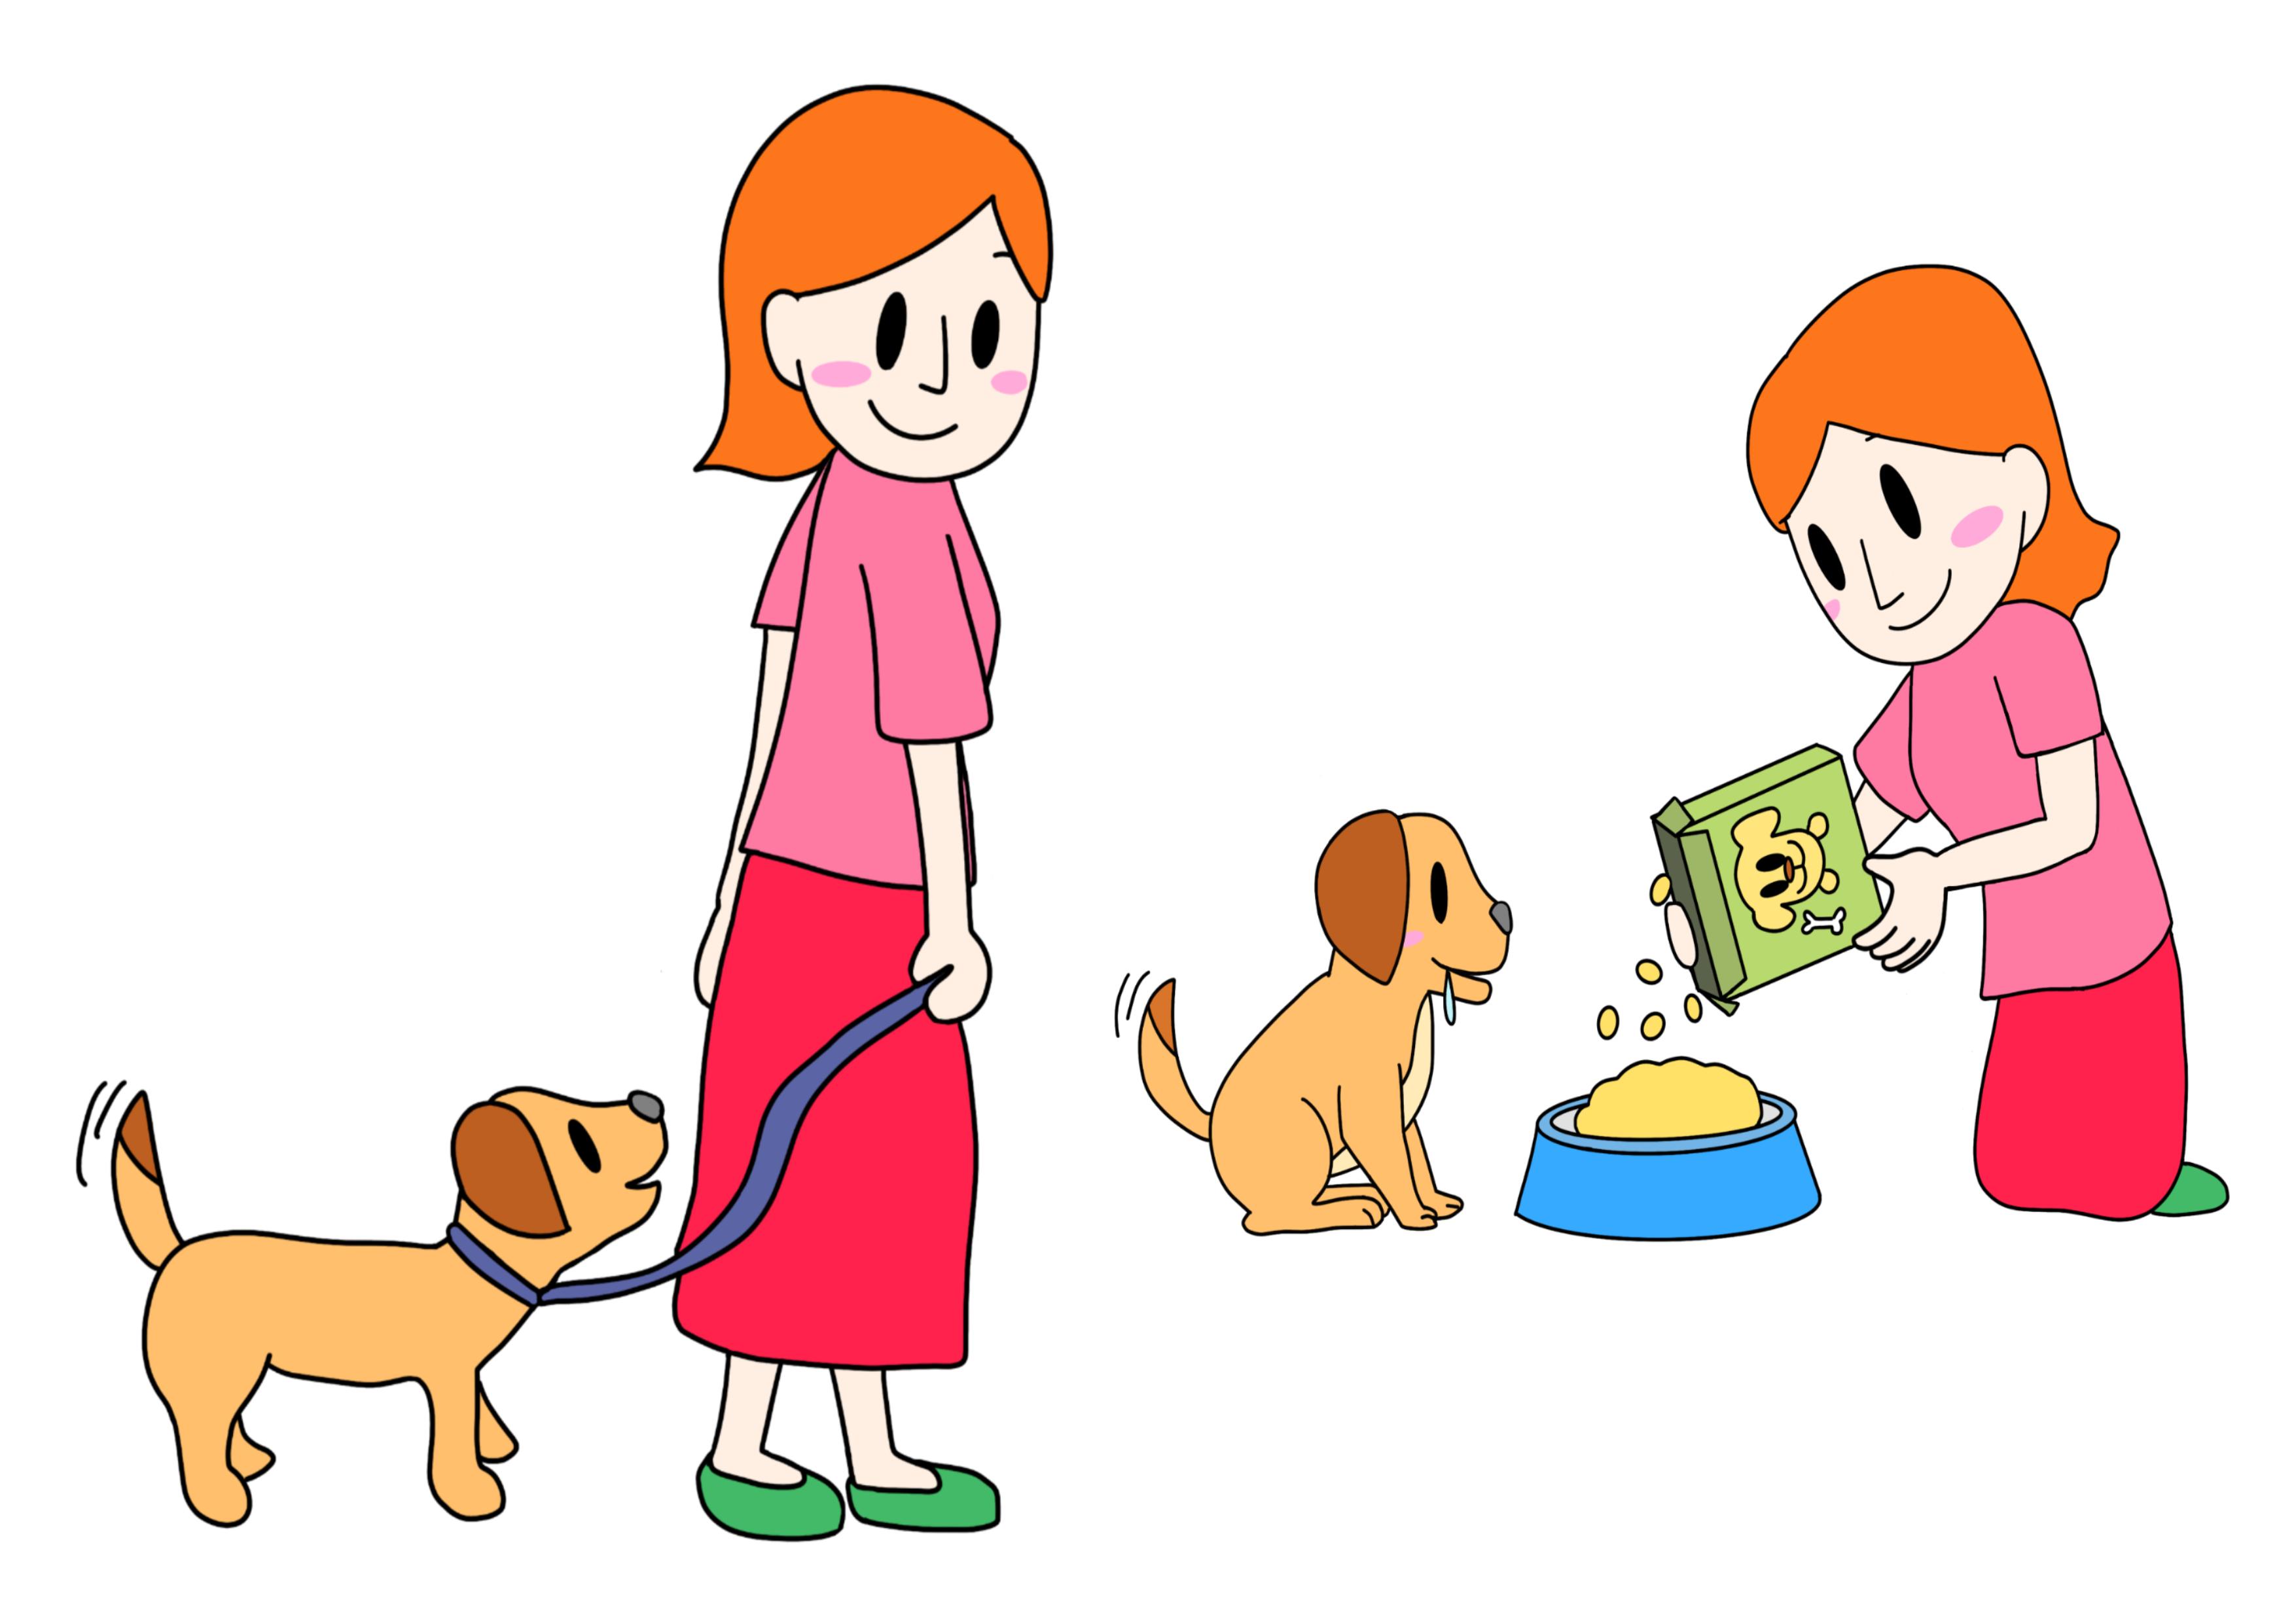 48課イラスト【世話をする/ペットを飼う】